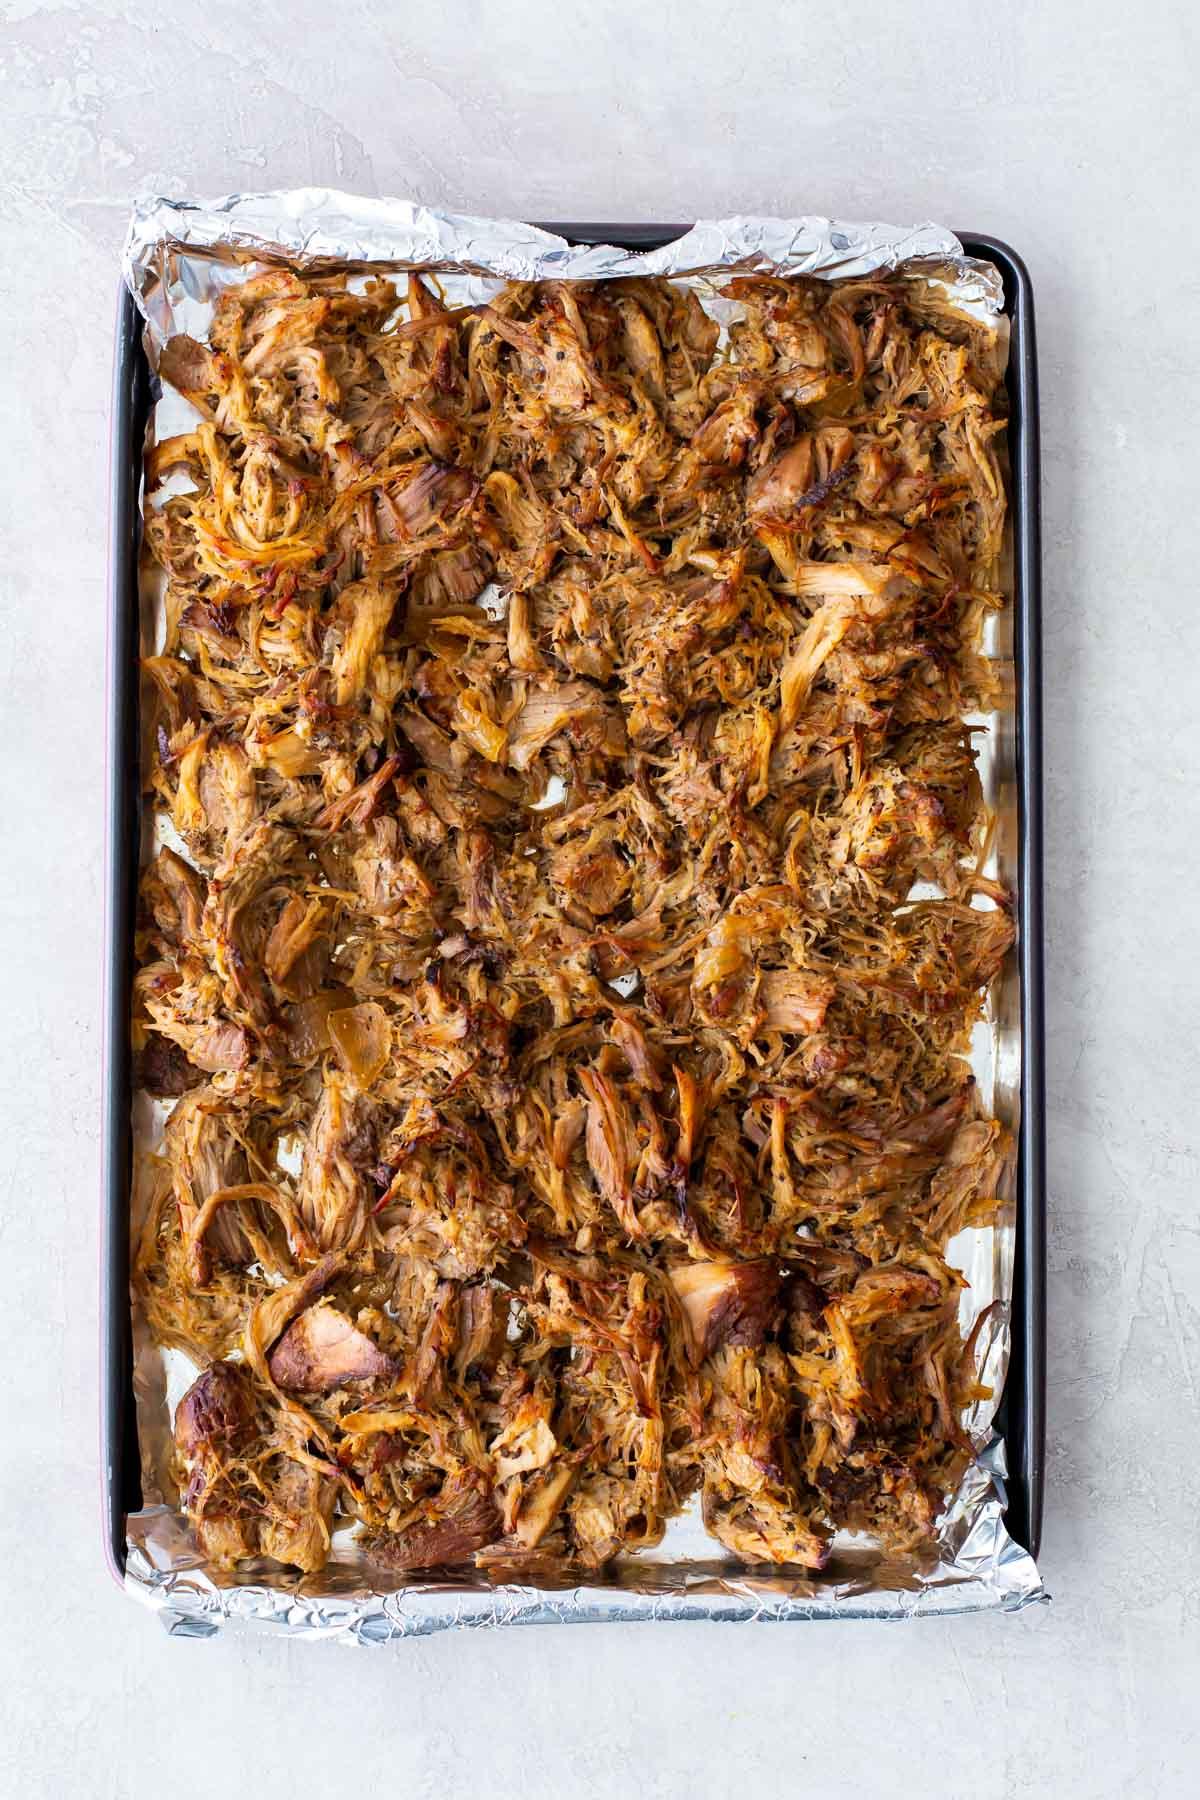 shredded pork carnitas on a foil lined sheet pan